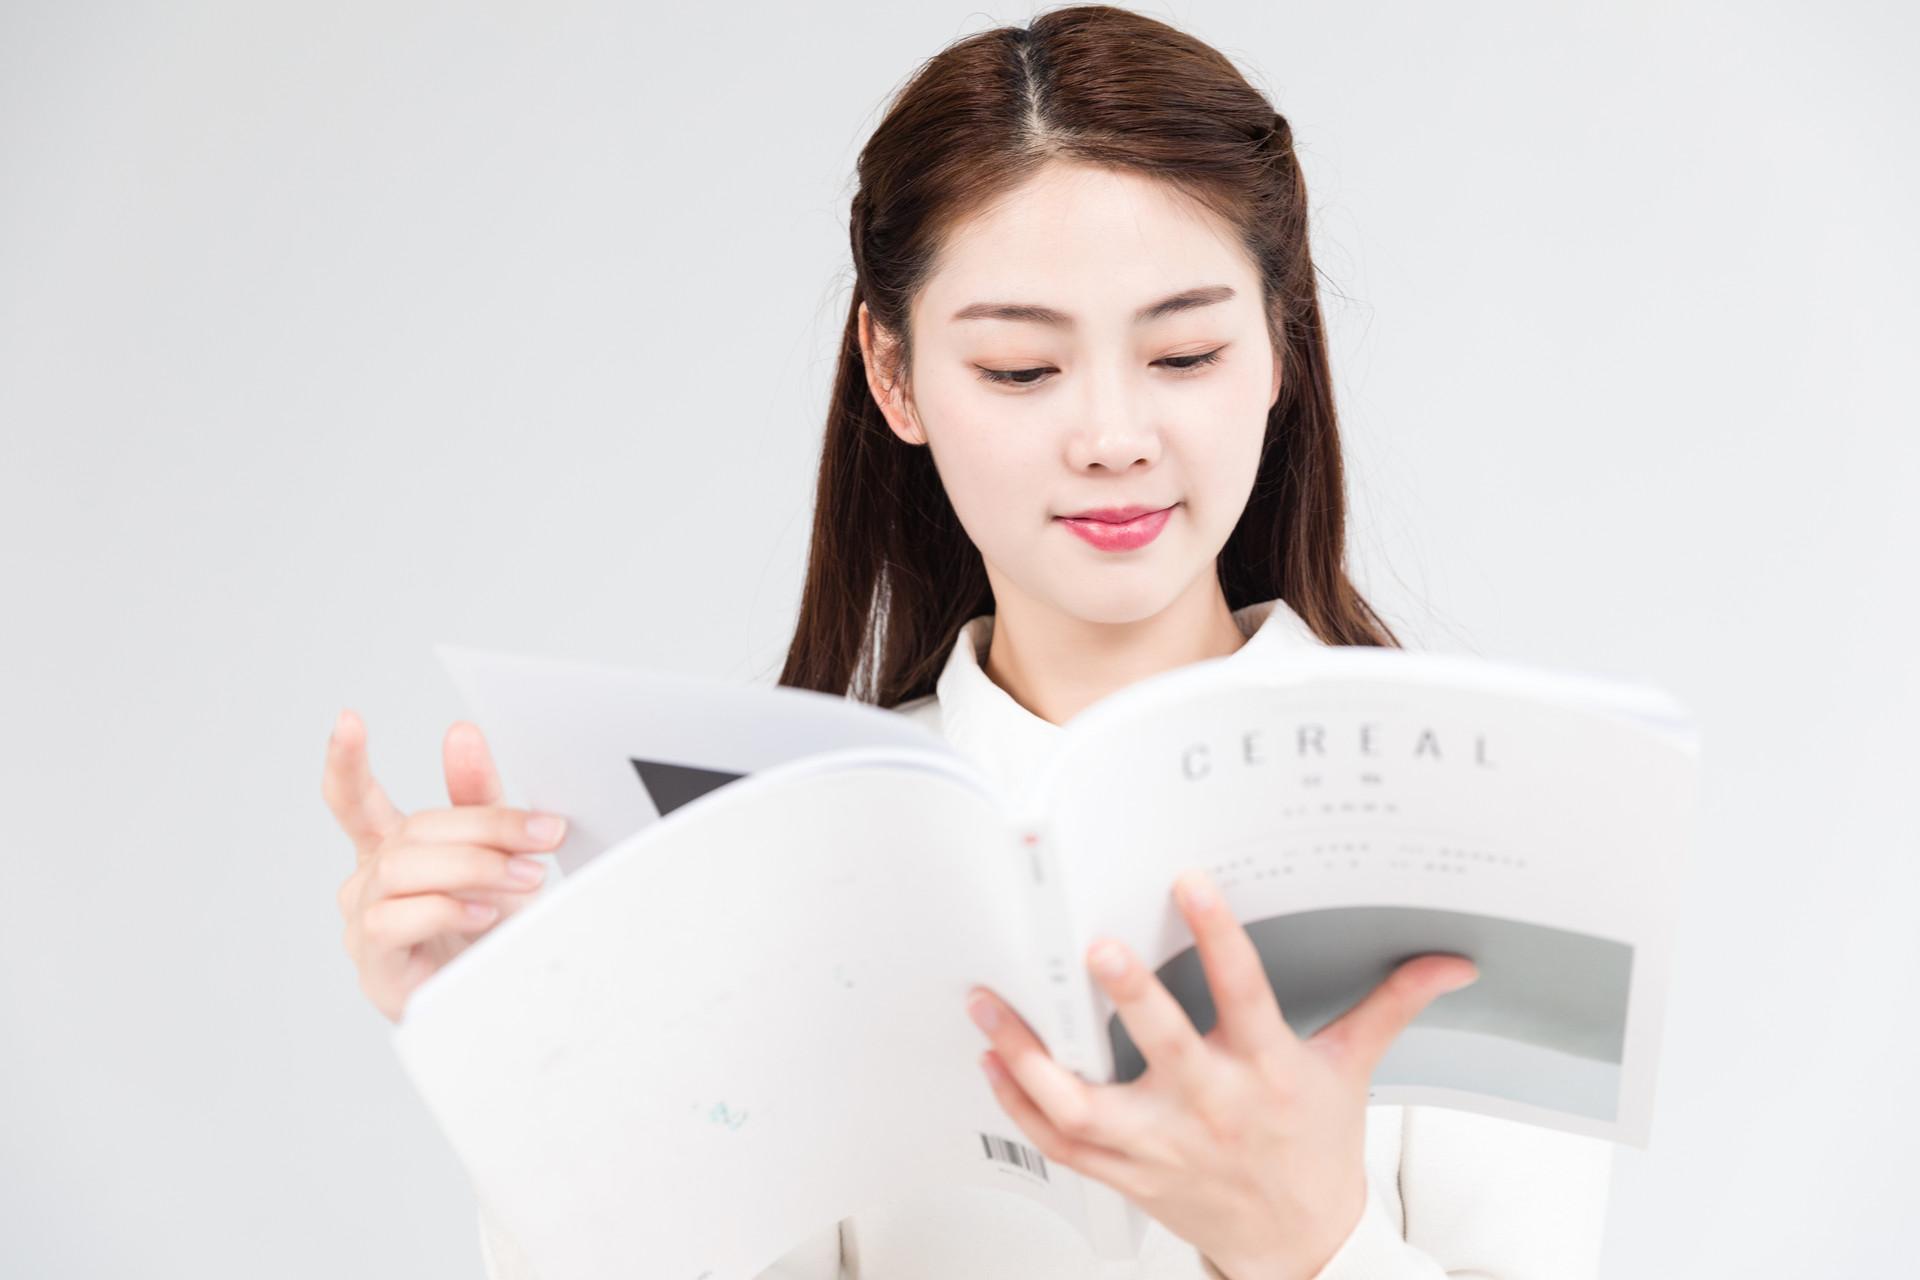 镇江周末雅思培训班